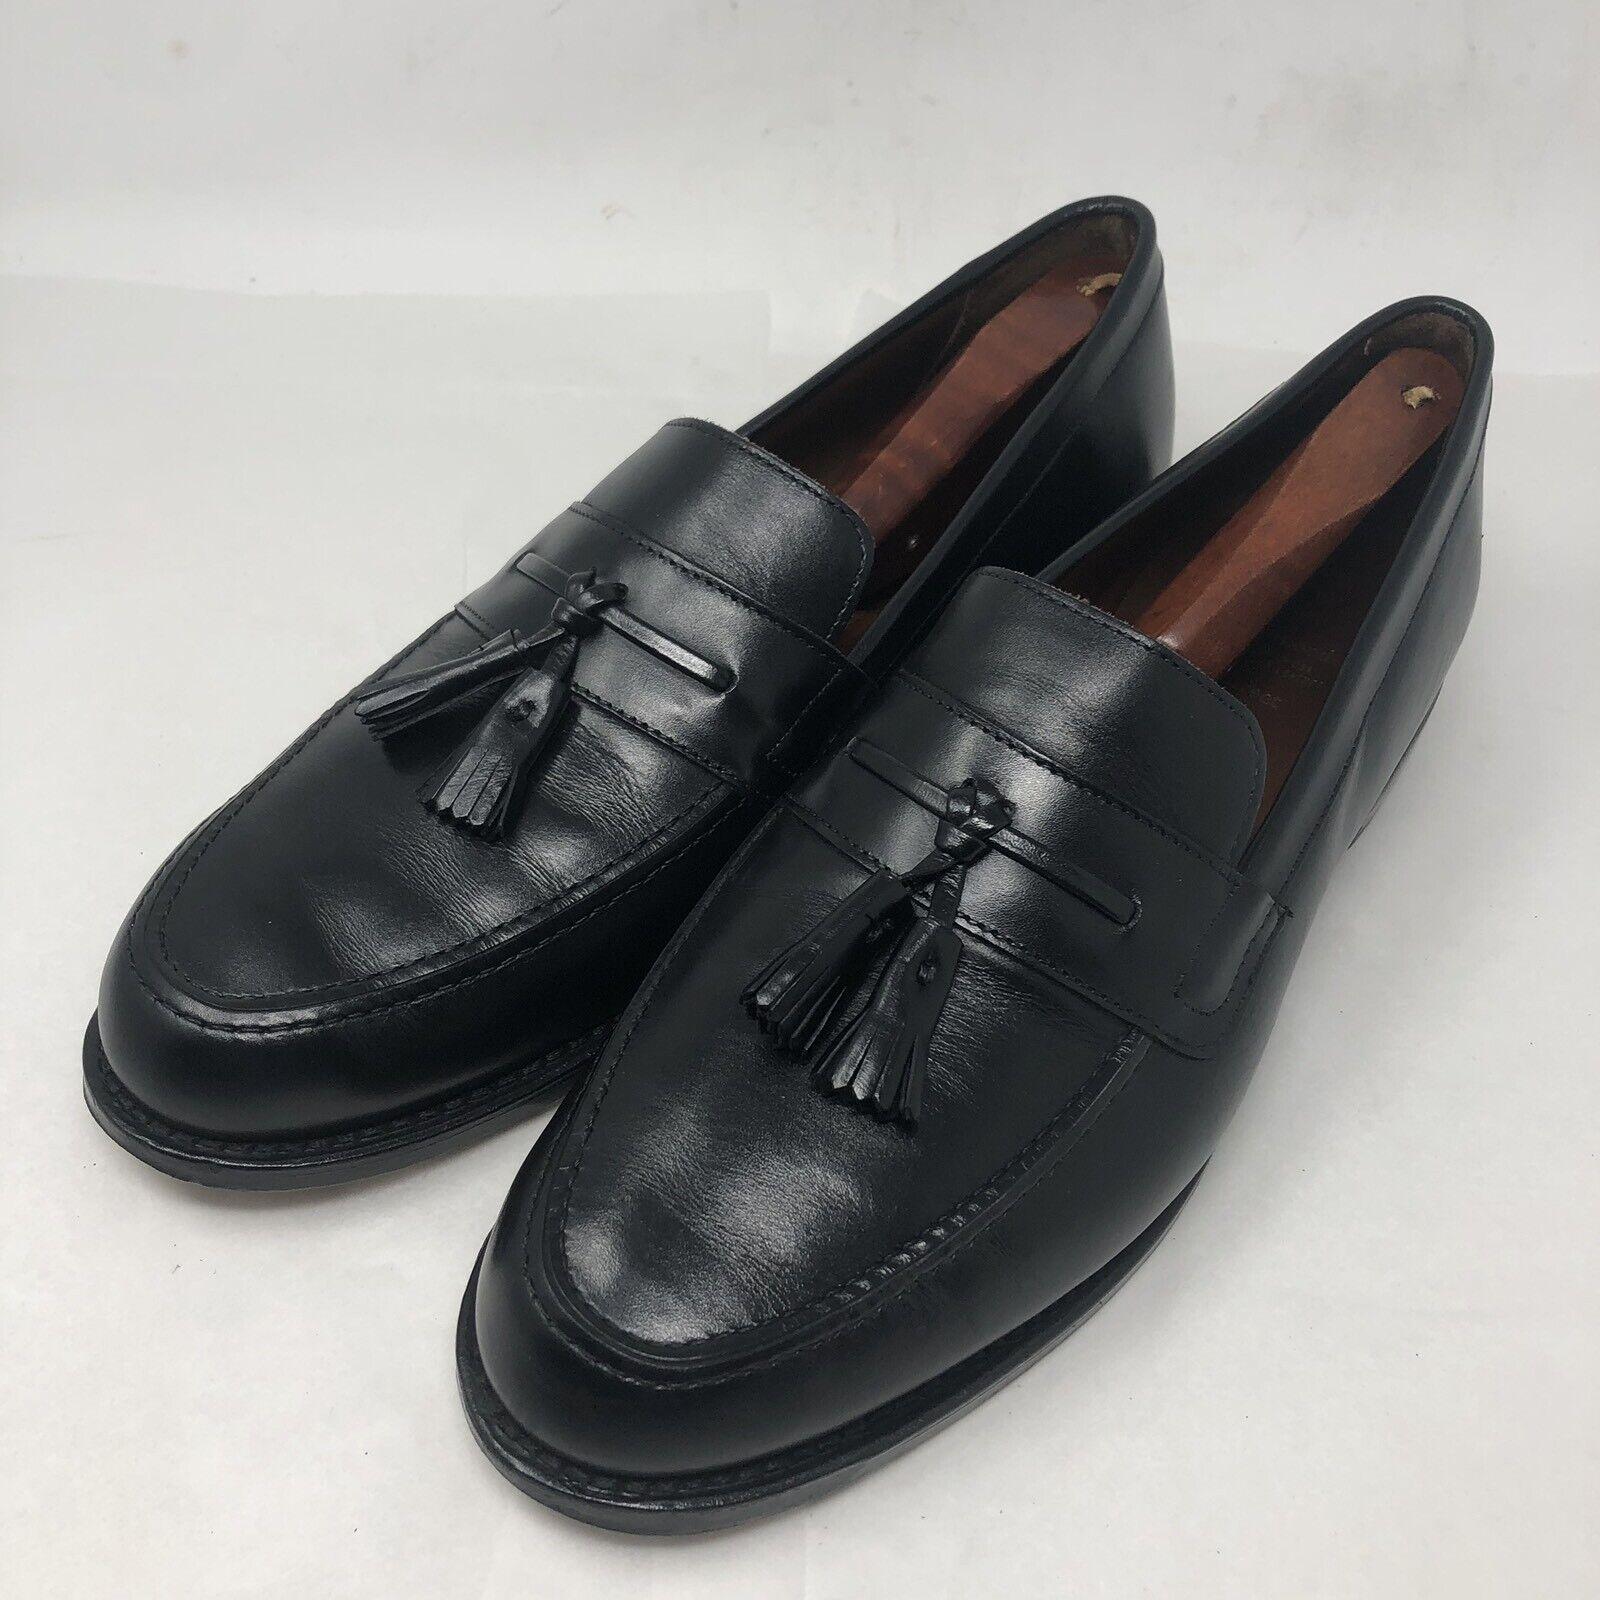 ALLEN EDMONDS Hyde Street Mens Black Leather Tassel Loafers Size 12D